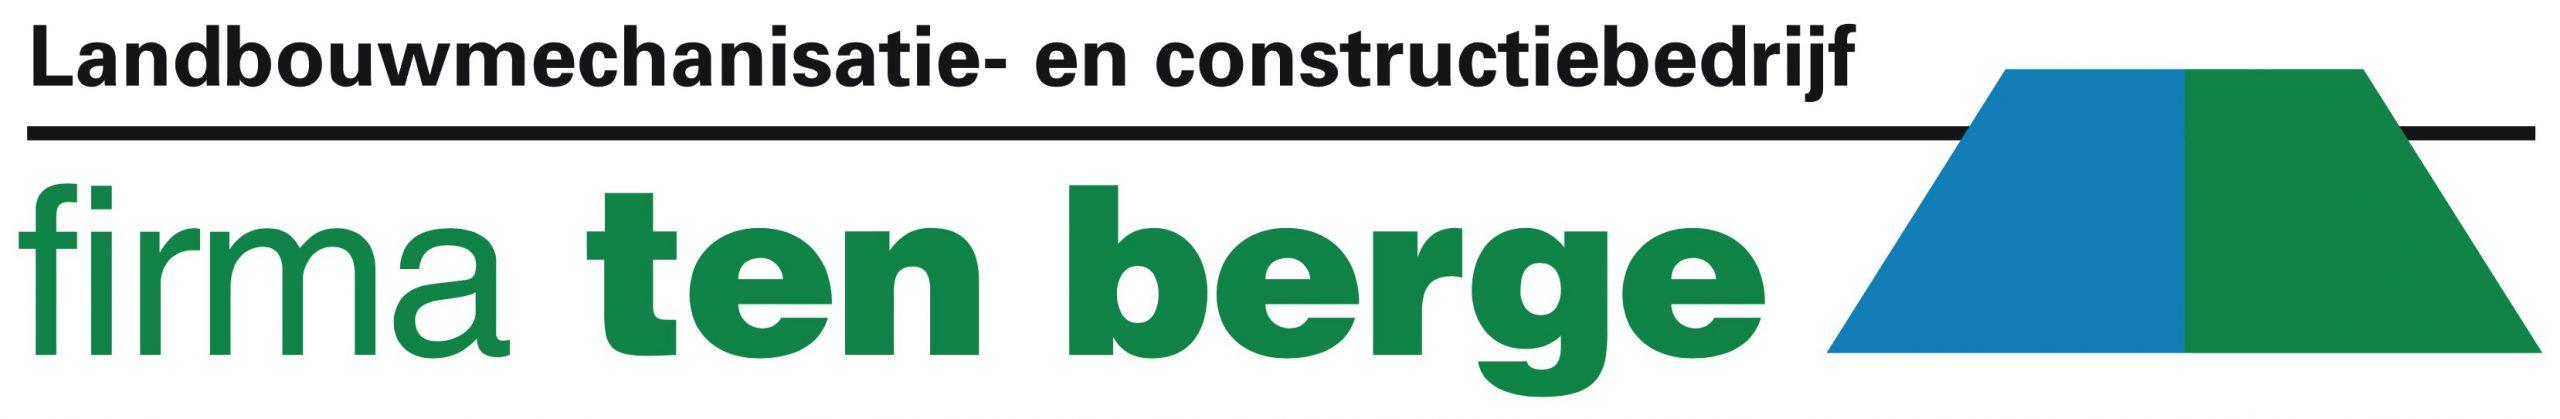 Firma Ten Berge Landbouwmechanisatie en Constructiewerken Huizinge Groningen